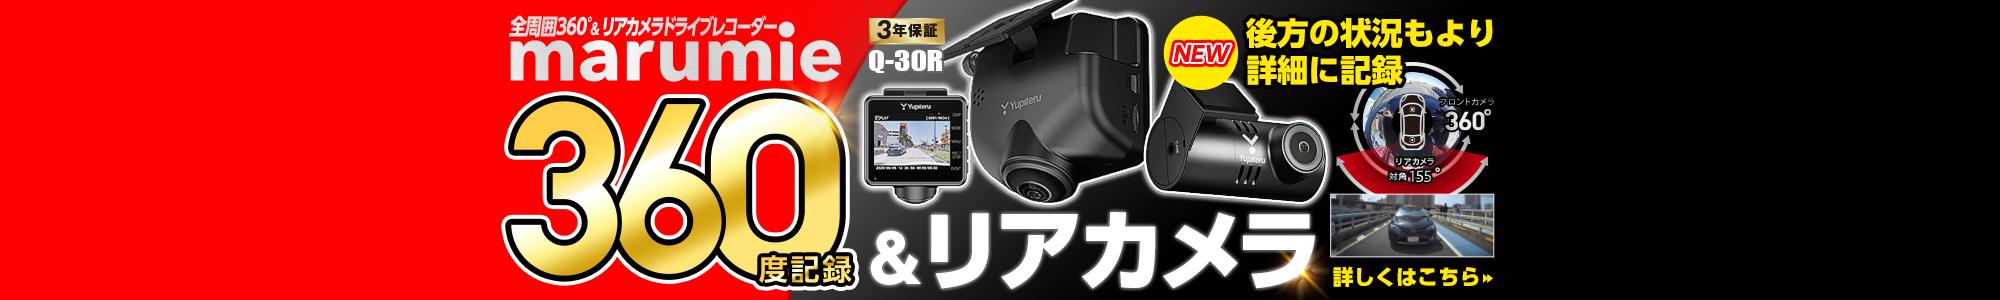 全周囲360°&リアカメラドライブレコーダー Q-30R